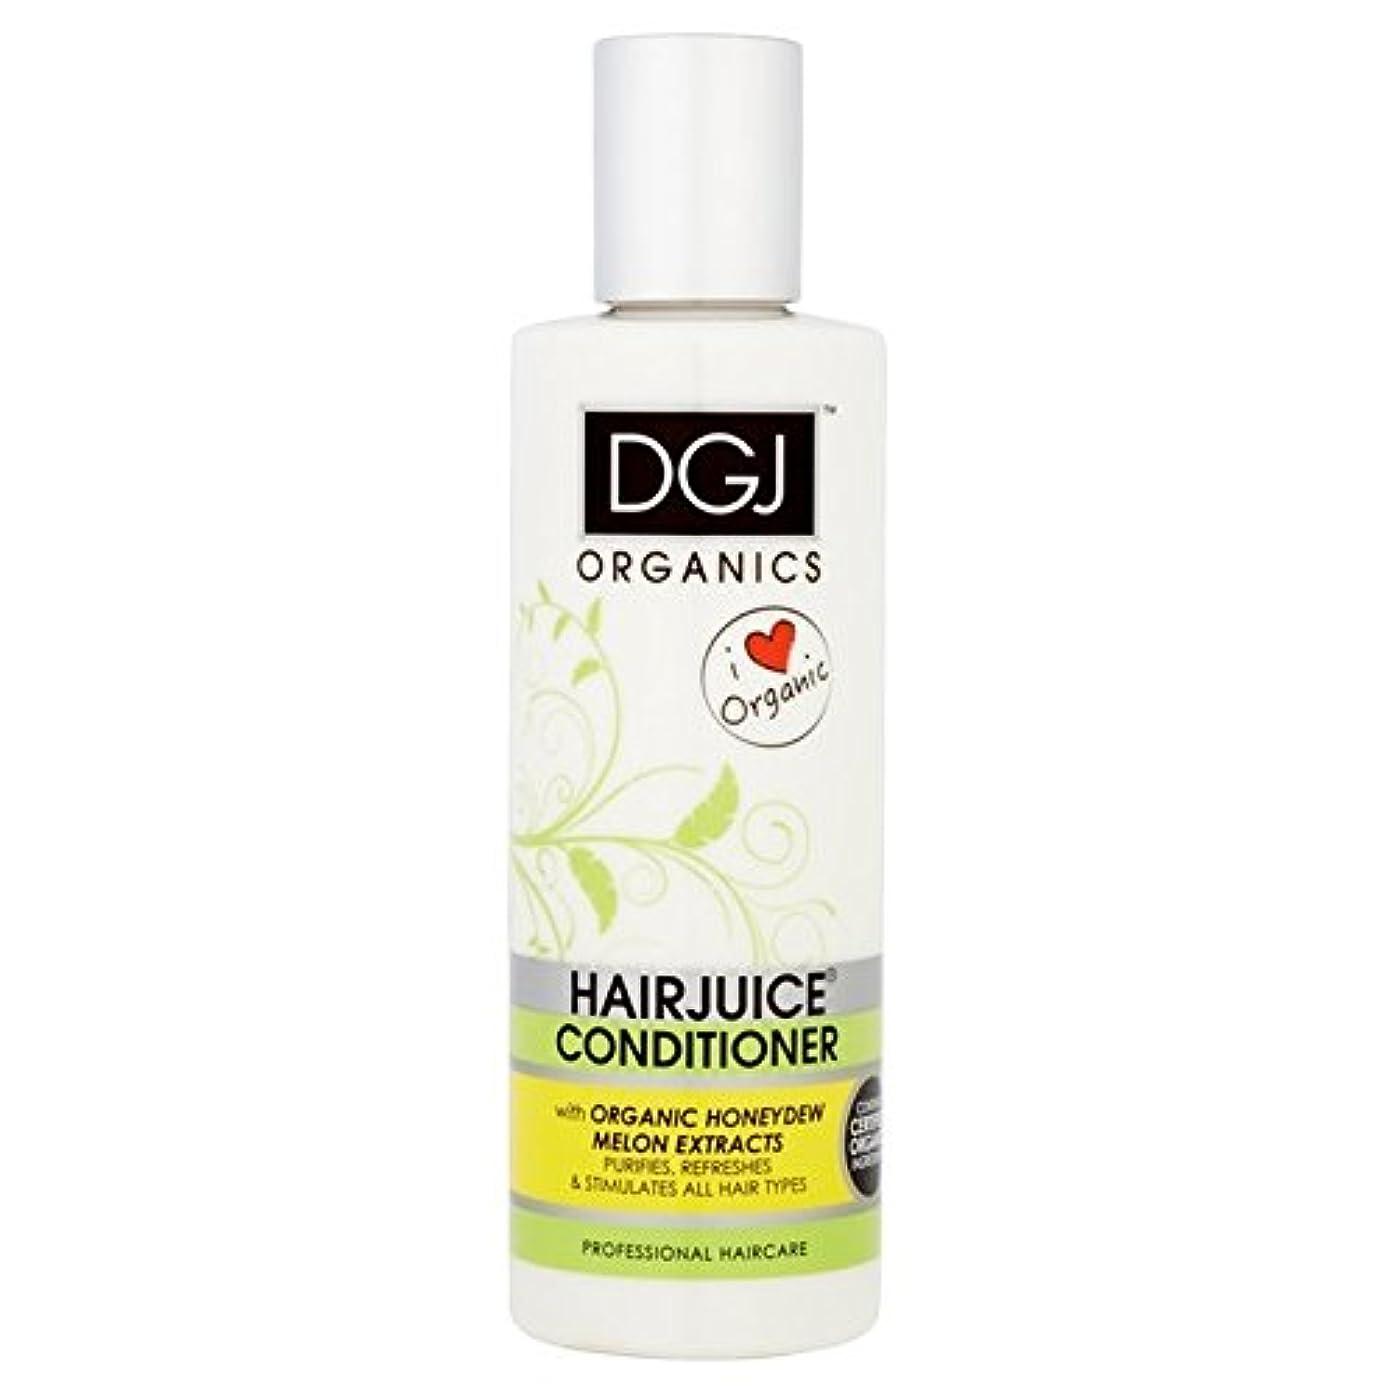 人差し指創傷レルム有機メロンコンディショナー250 x4 - DGJ Organic Hairjuice Melon Conditioner 250ml (Pack of 4) [並行輸入品]